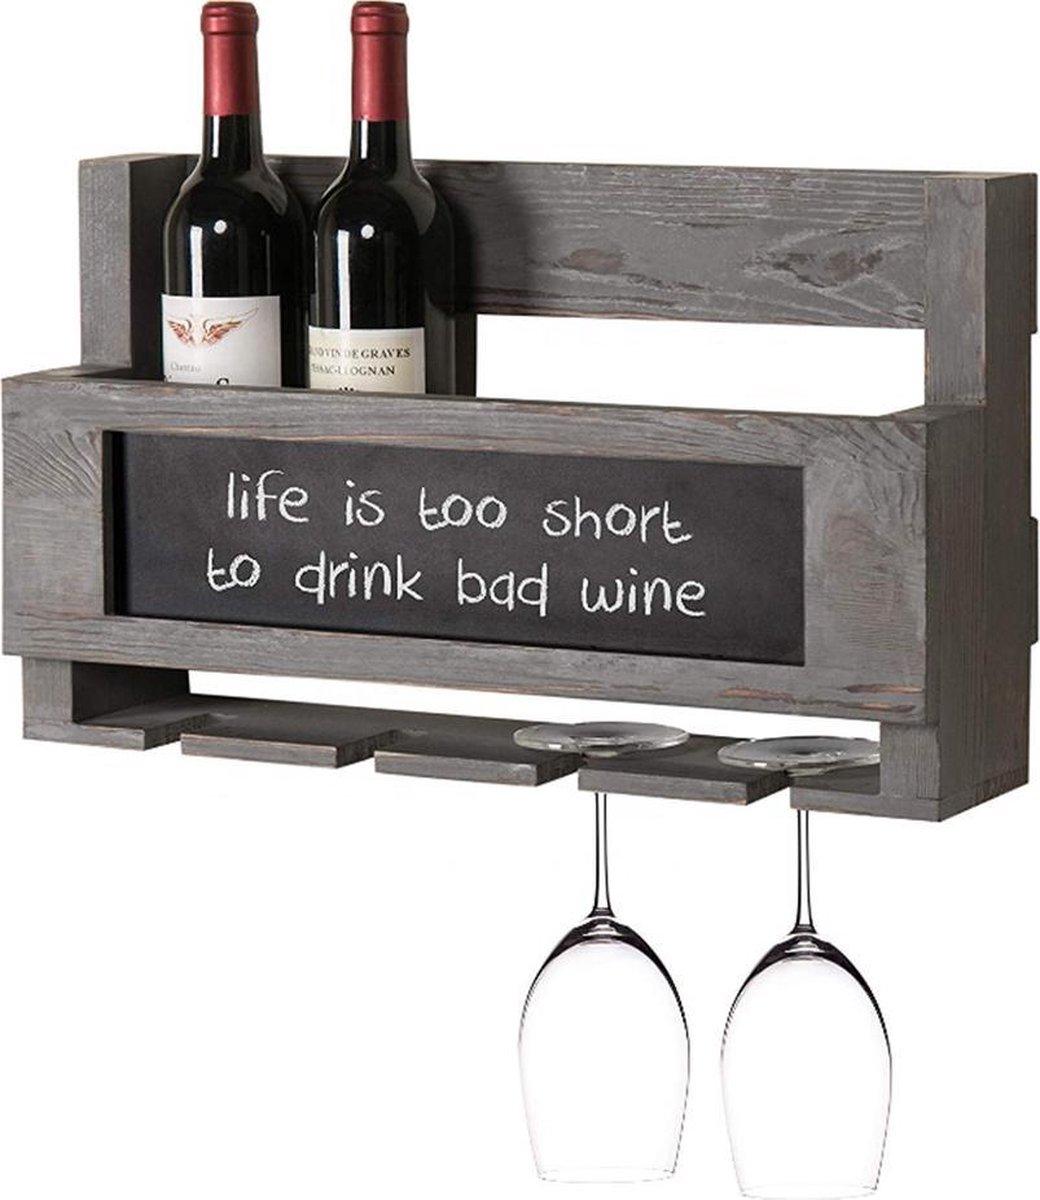 Greenure Wijnrek Hout - Wijnrek - Wijnglazenhouder - Flessenhouder - Wijnrek Muur- Krijtbord - Handgemaakt Stijlvol Design - Grijs - 50 x 30 x 13